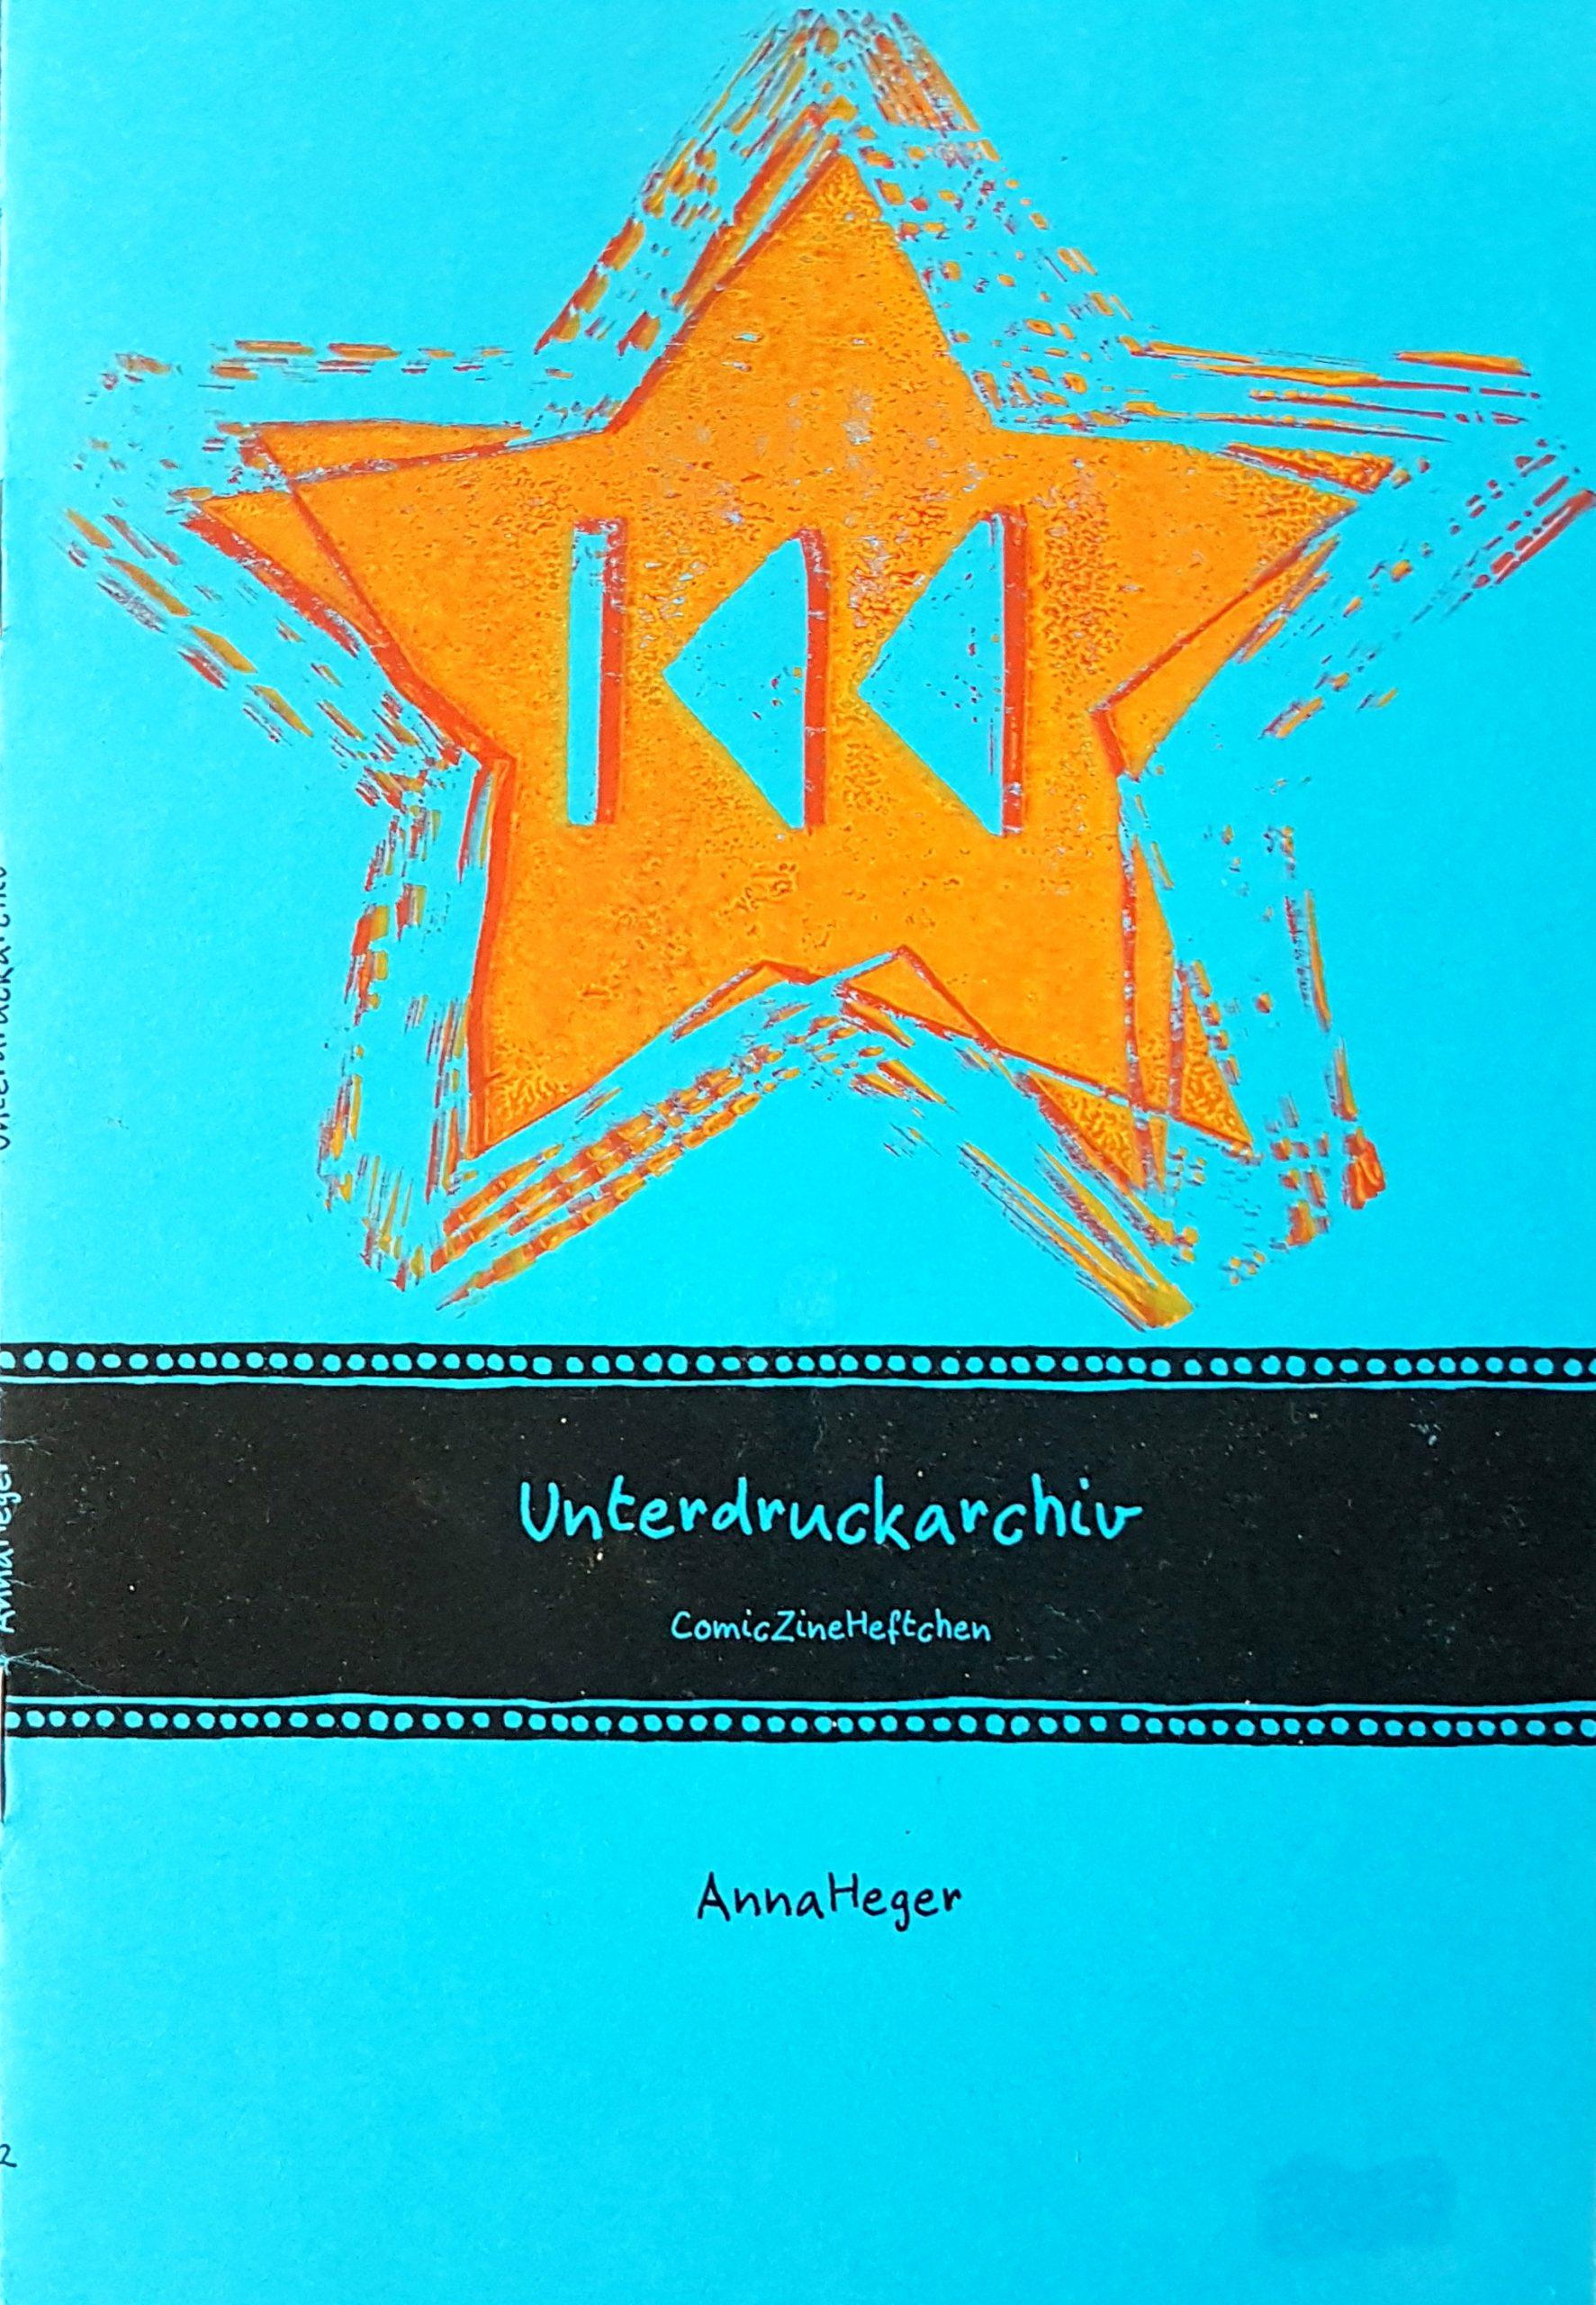 Foto des Zine Covers gedruckt auf blauem Karton. Der Titel ist von einer Illustration einer aufgerollten Filmrolle hinterlegt. Darüber ein orangefarbener Linoldruck eines fünfzackigen Sterns mit dem Symbol für »zurück zum Anfang«.